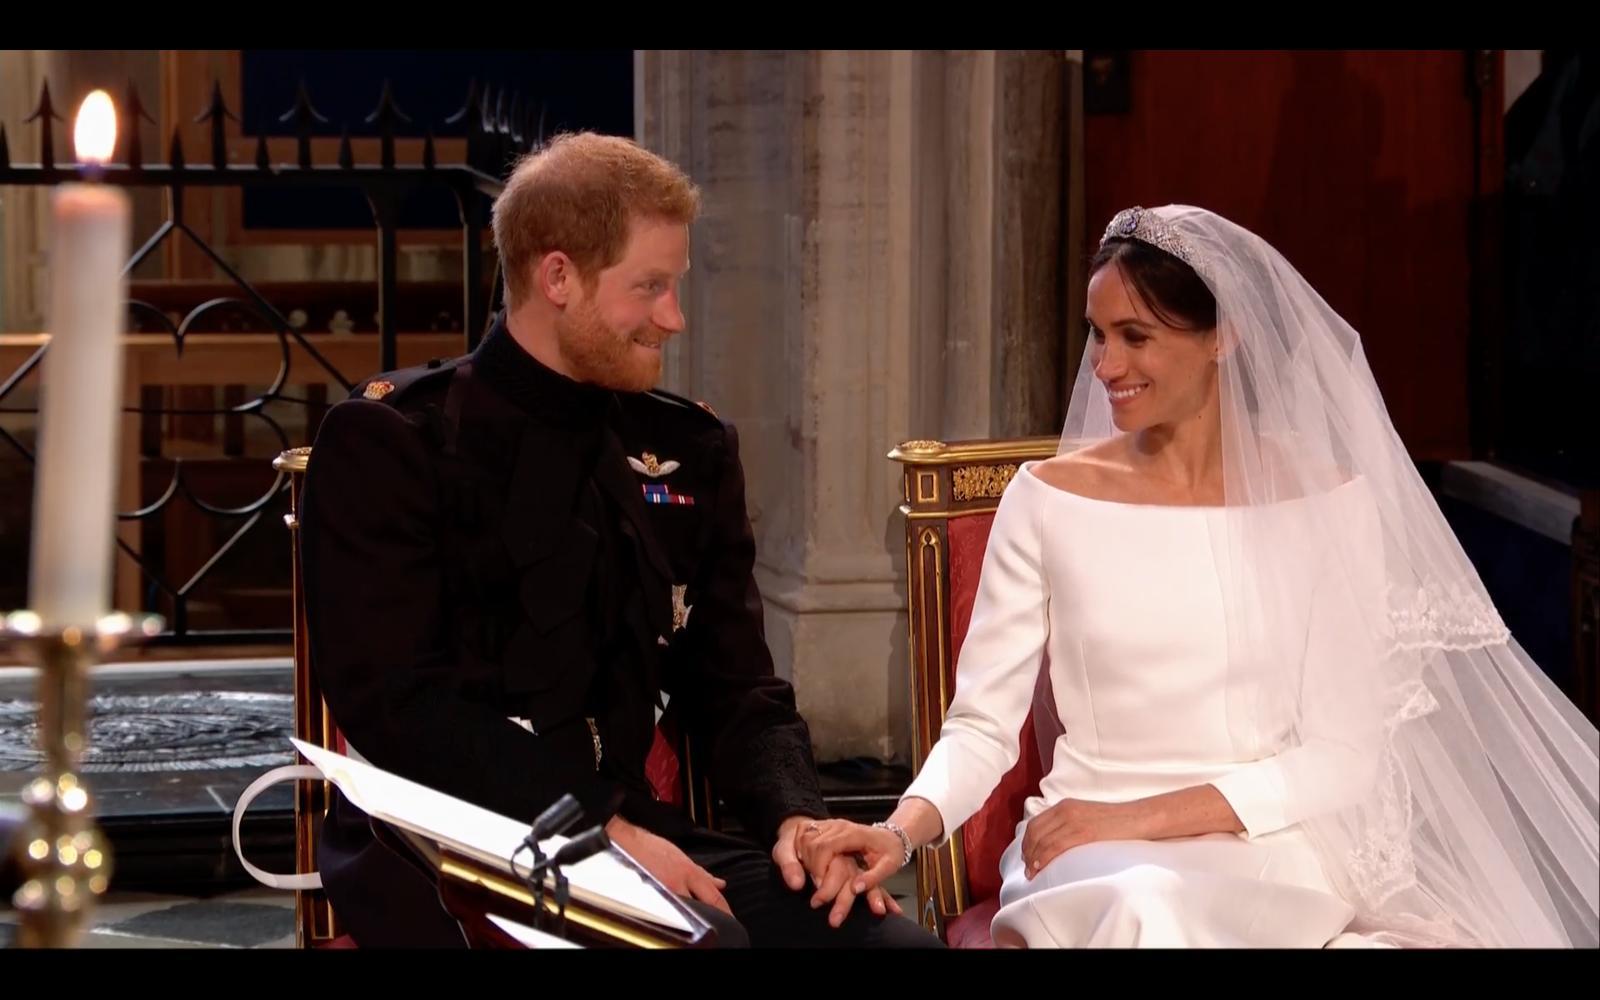 Kráľovská svadba Meghan a Harryho - Obrázok č. 79